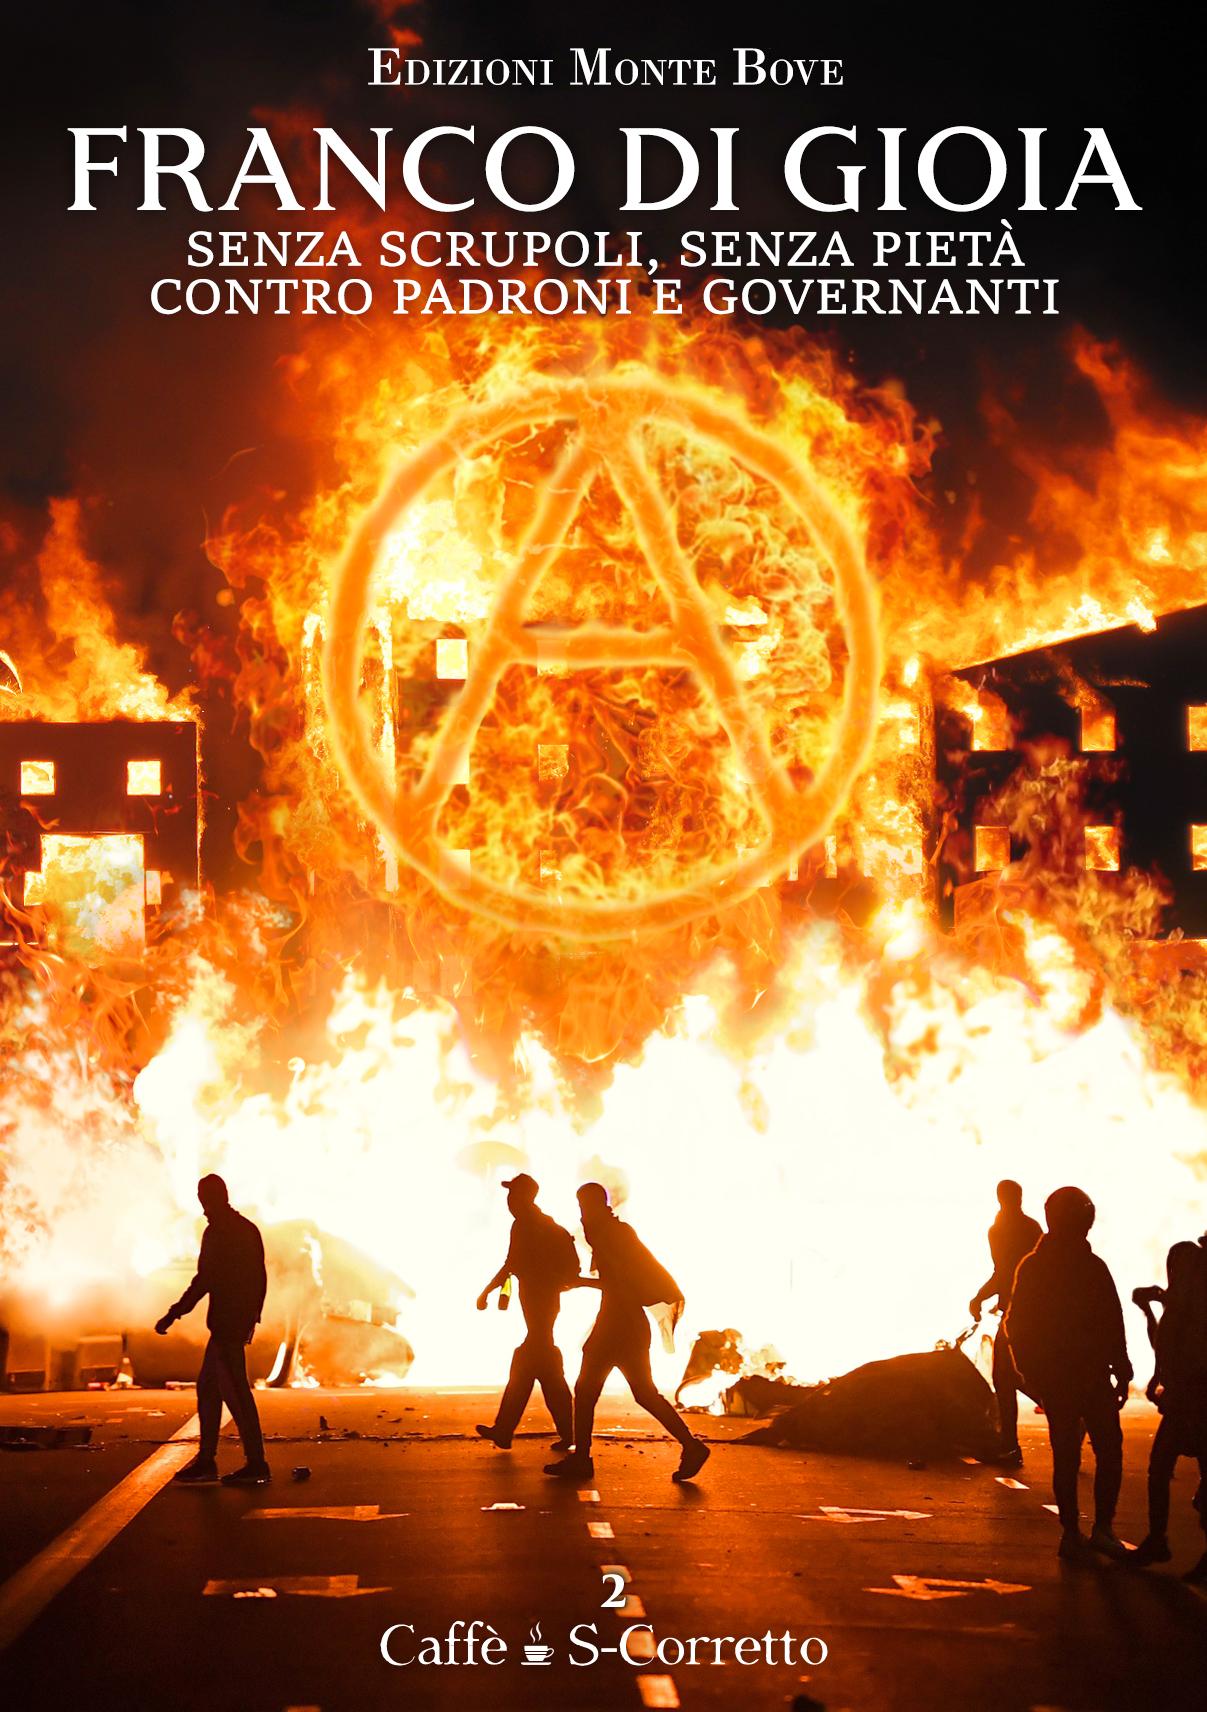 https://edizionimontebove.noblogs.org/files/2020/01/01-Franco-Di-Gioia-PER-IL-WEB-NO-STAMPA-colore-rgb.jpg